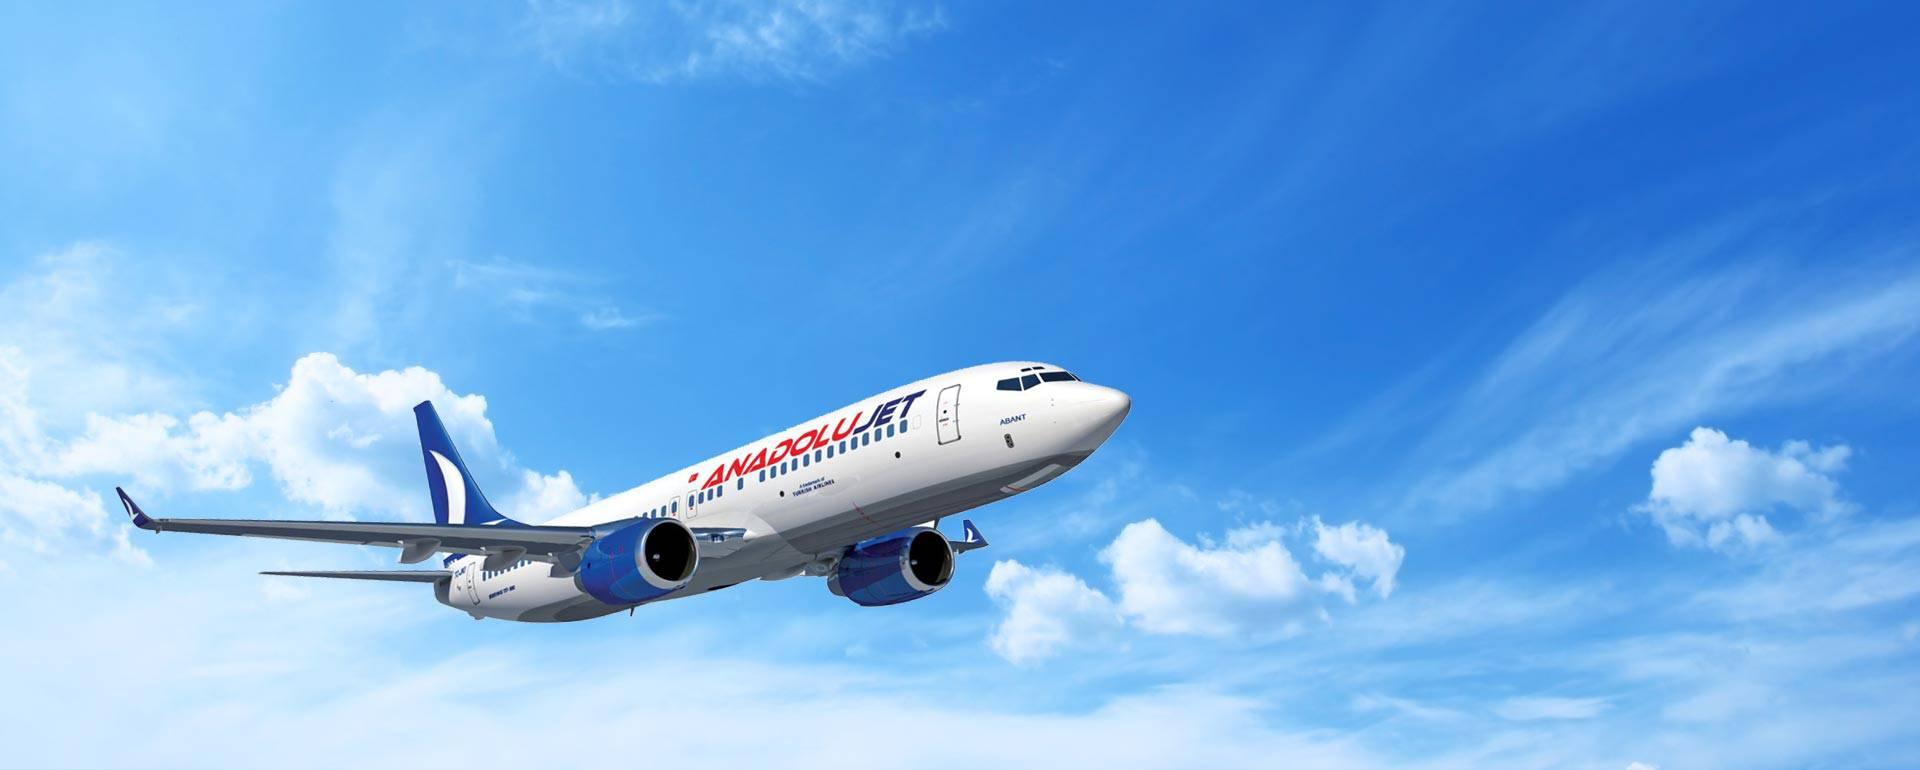 Erzurum Anadolu Jet İletişim